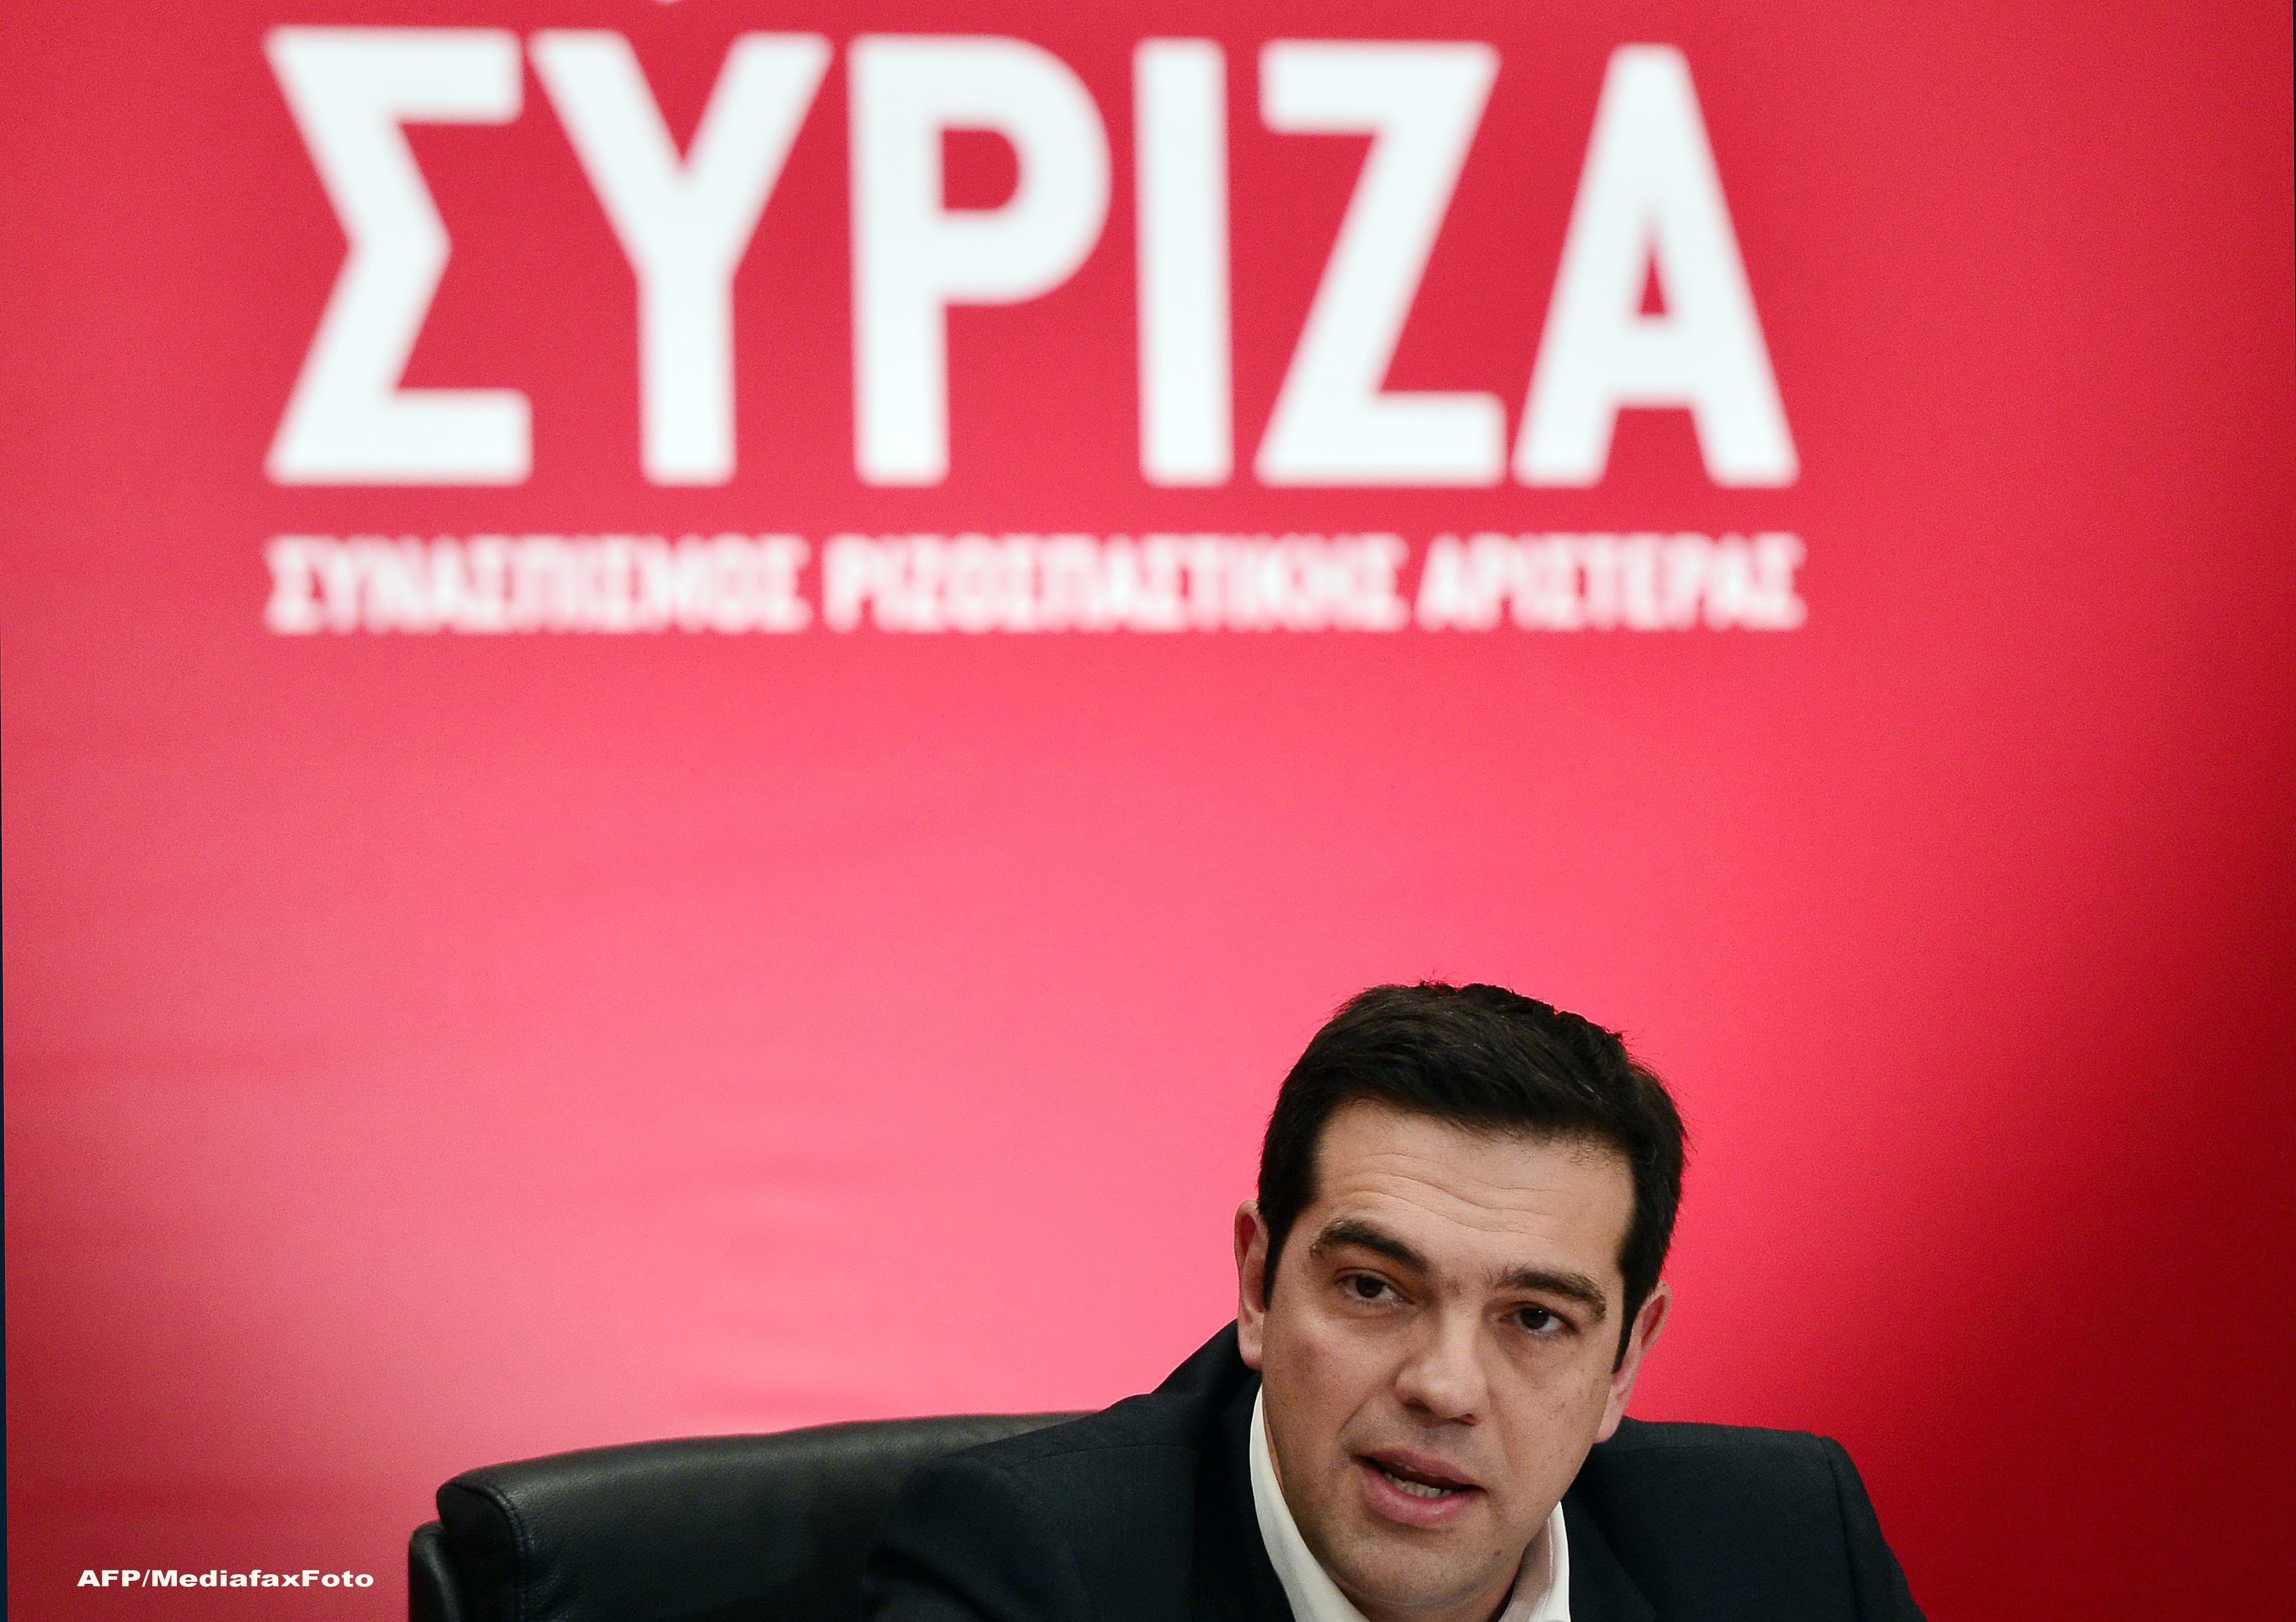 Alexis Tsipras e convins ca Spania si Portugalia comploteaza impotriva guvernului elen: Vor sa ne inlature de la putere